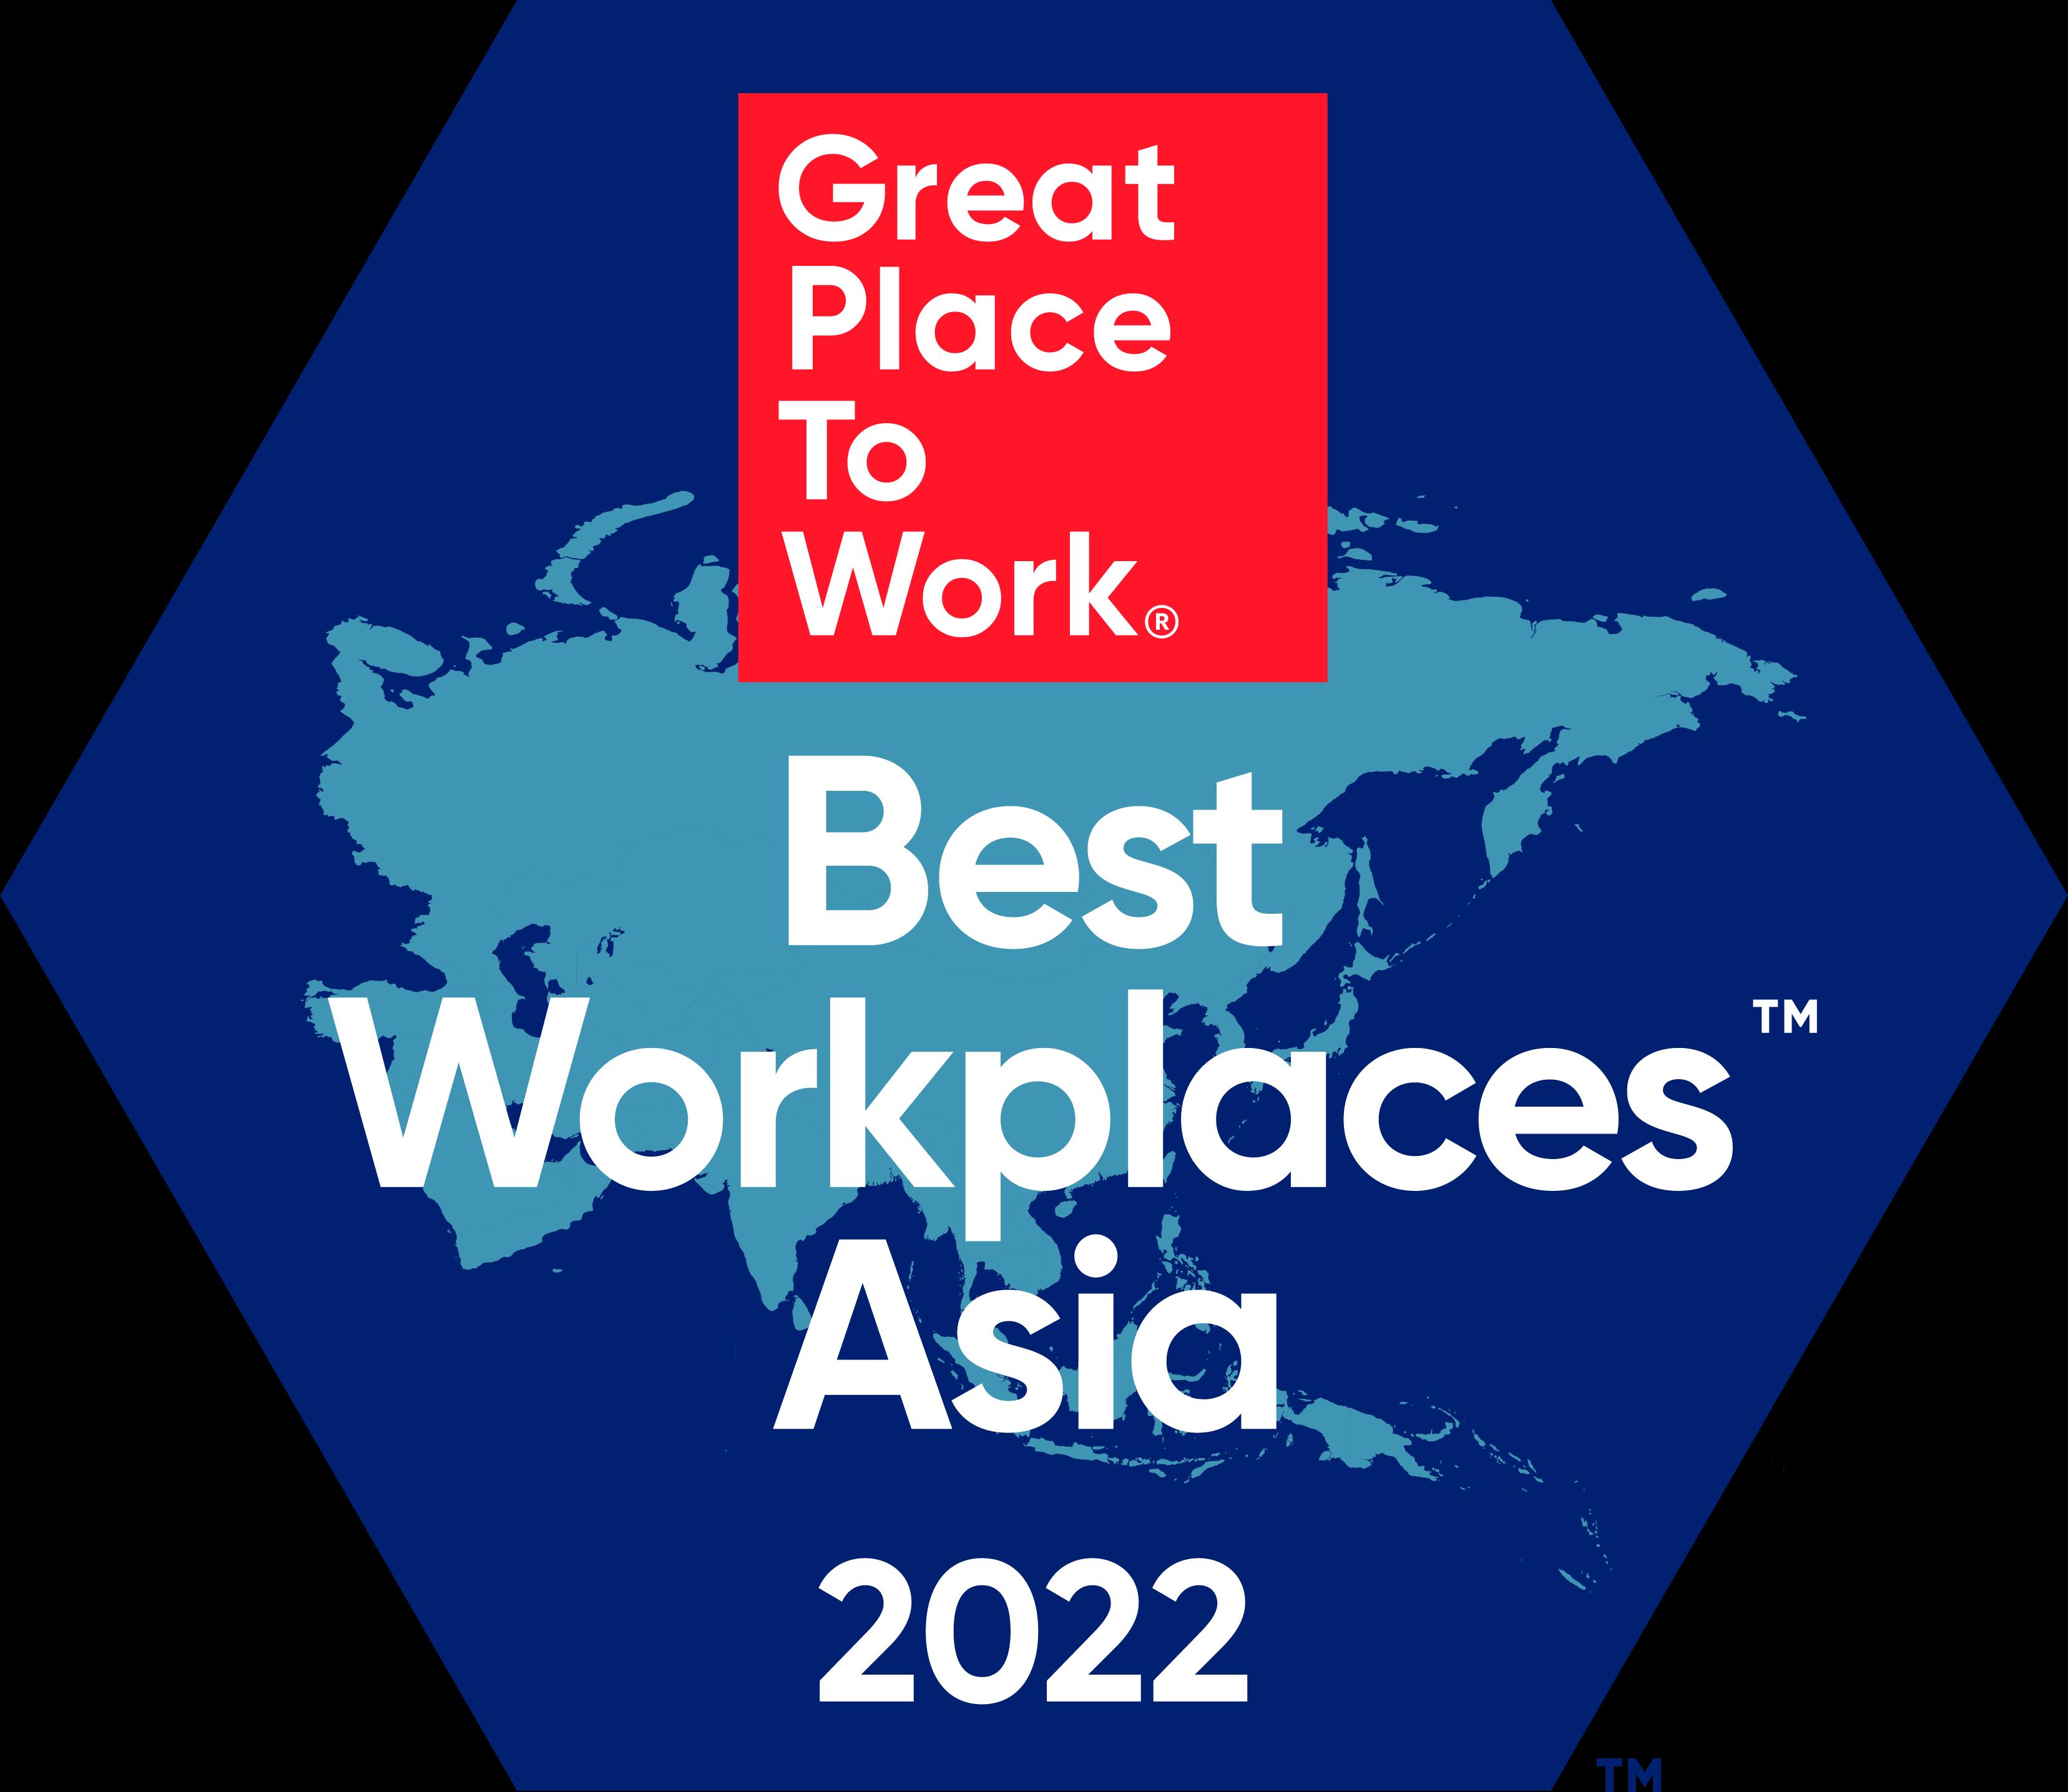 2020年アジア地域における『働きがいのある会社』ランキング中小企業部門第13位